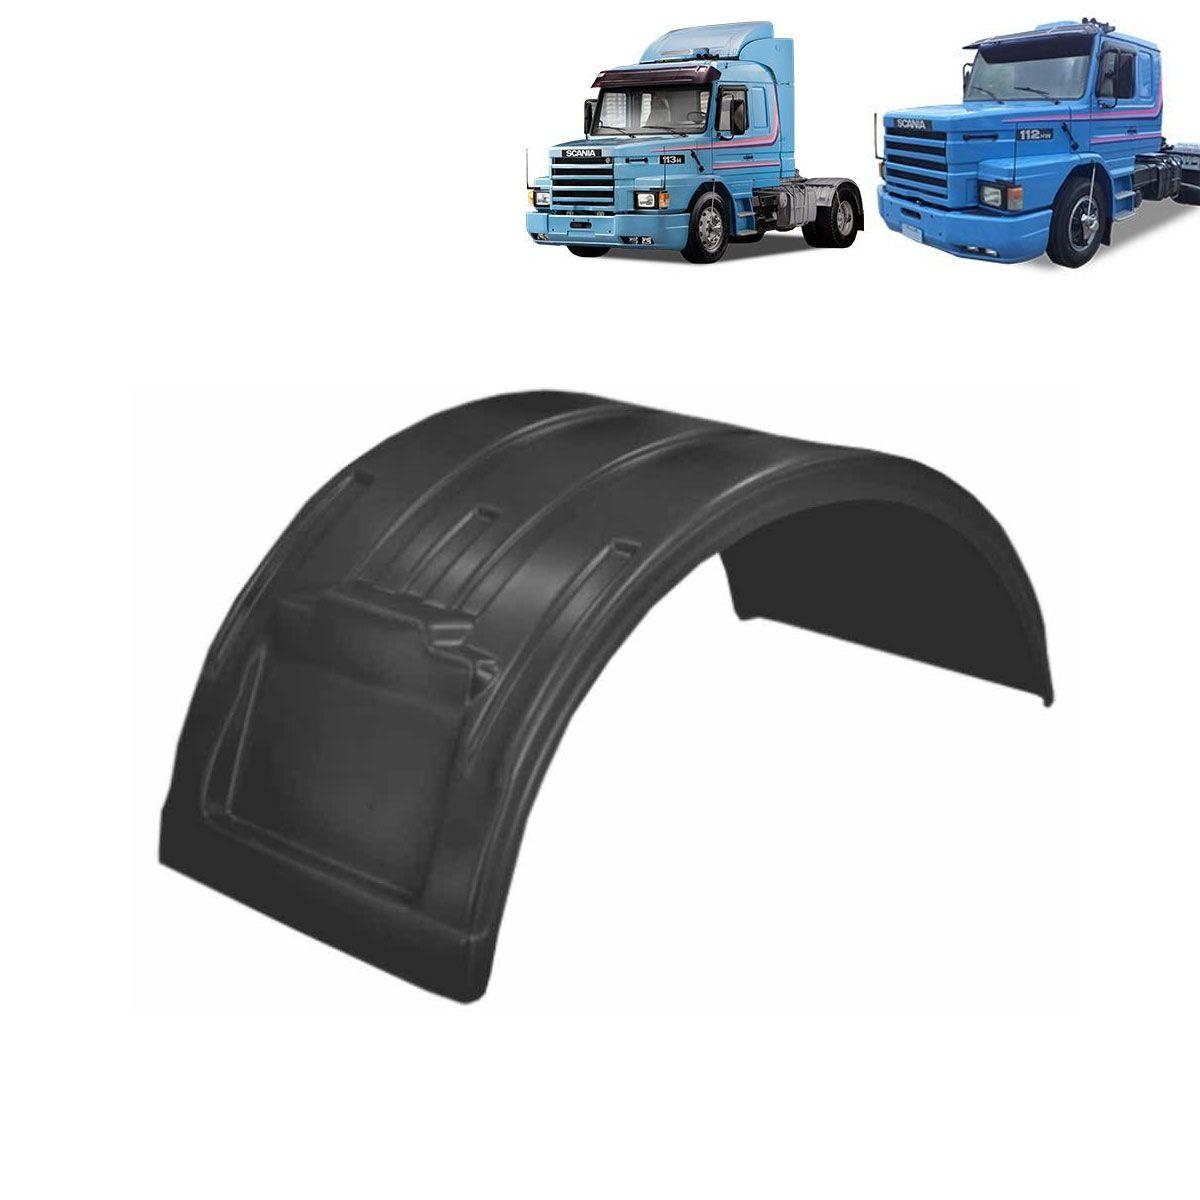 Par Para-lama Compatível com o Caminhão Scania 112 | 113 Preto CH 5,5